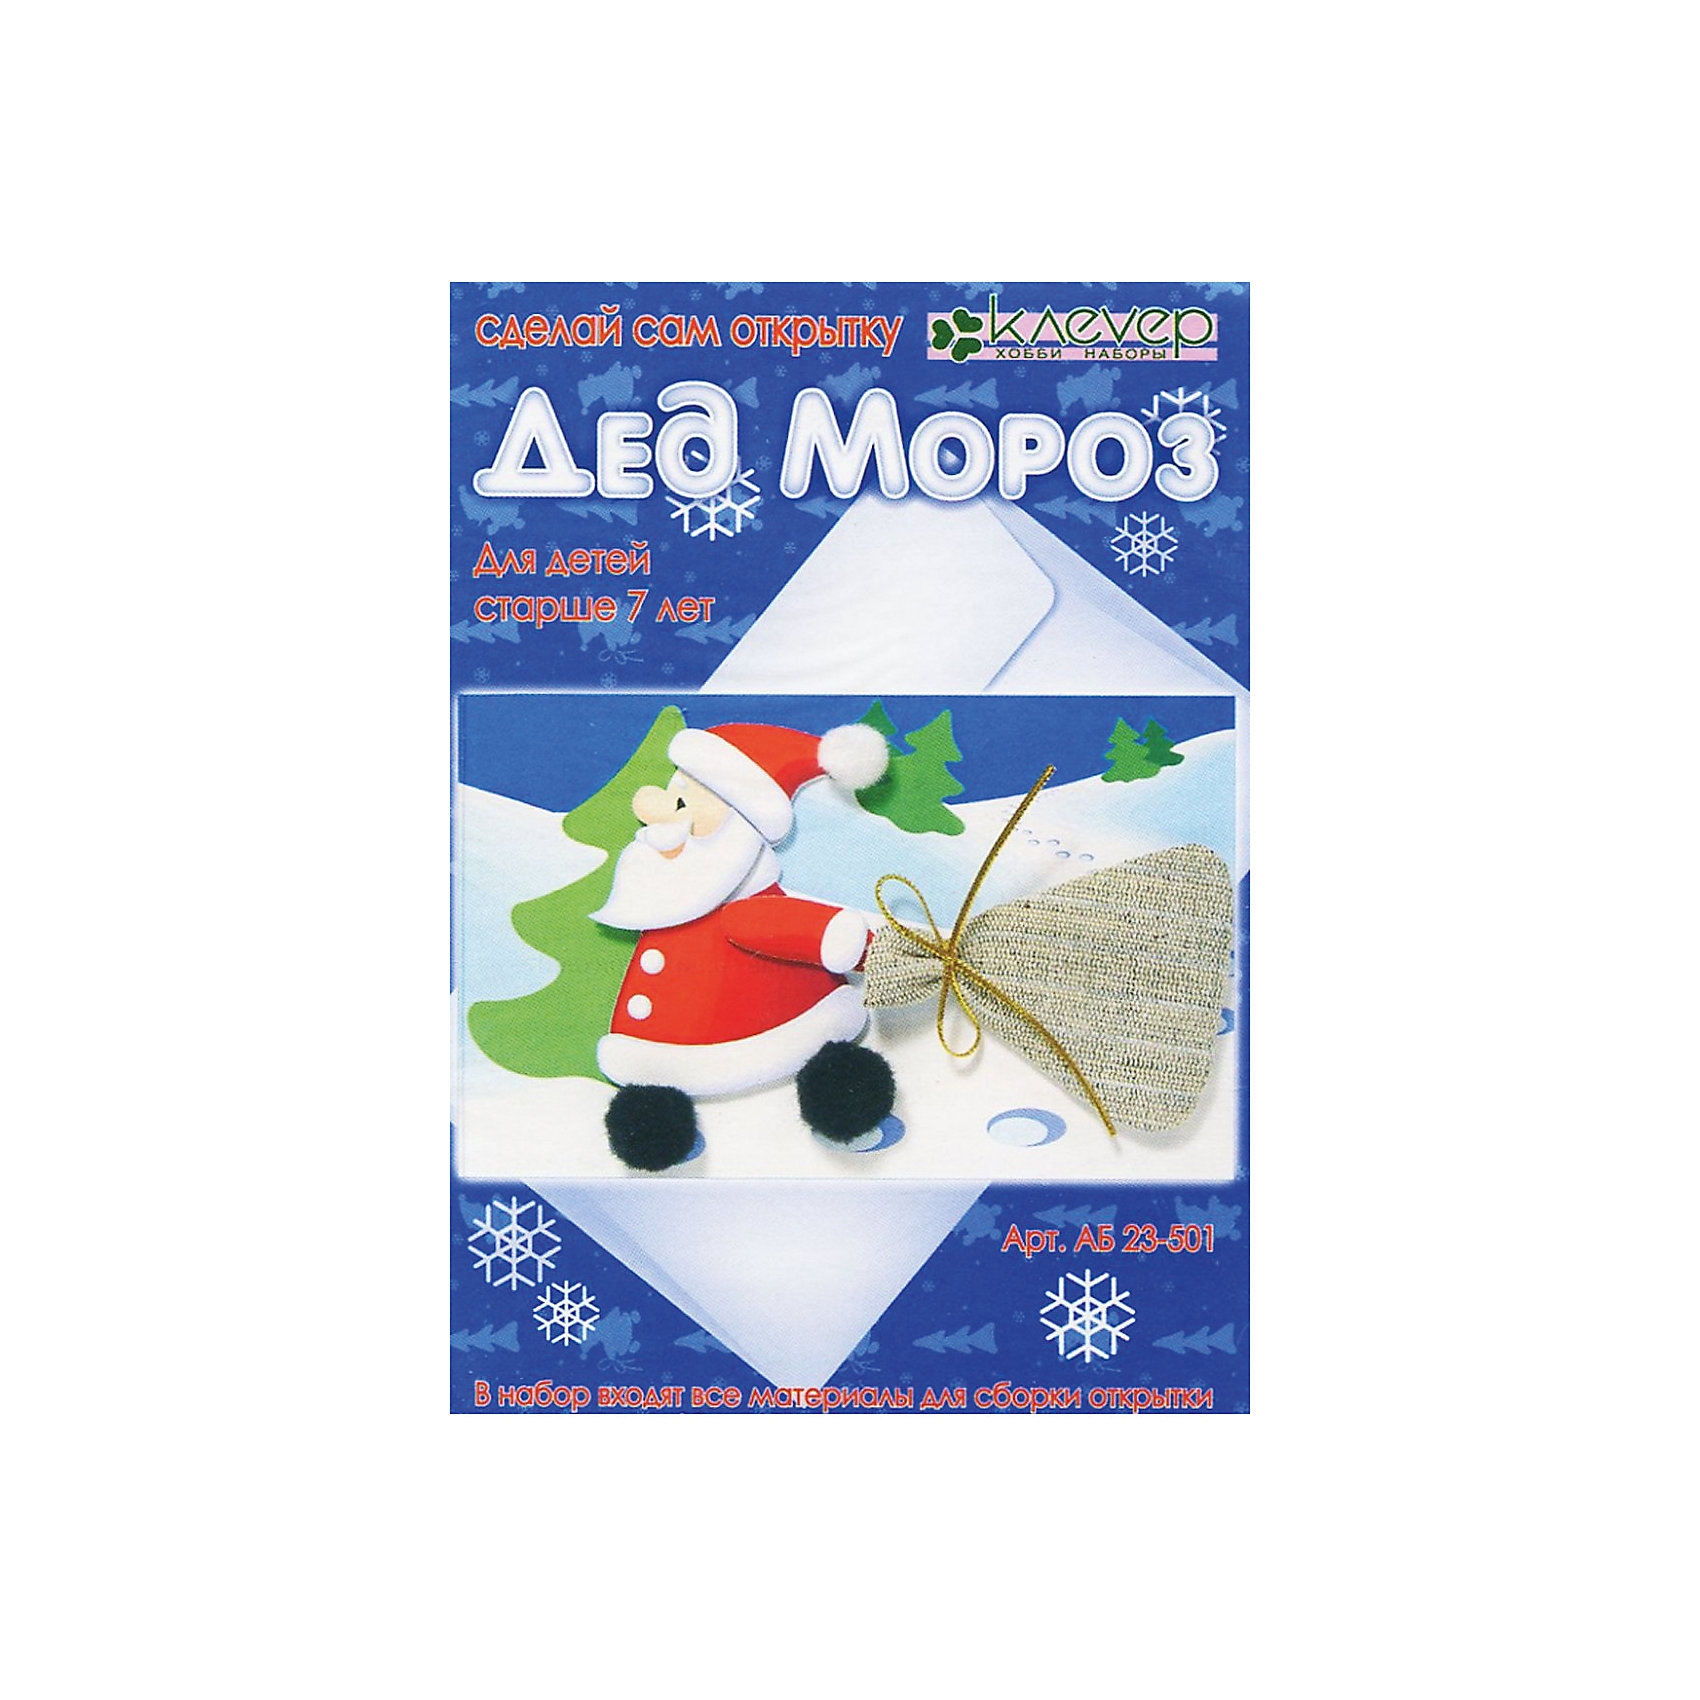 Новогодняя открытка Дед МорозС помощью этого набора ваш ребенок сможет сам сделать новогоднюю открытку. Посмотри, куда это направляется Дед Мороз и что это у него в мешке? Конечно же он идет, к вам, или к вашим друзьям, или к вашим соседям. С поздравлениями и подарками, с пожеланиями счастья и радости. Создание поделок и открыток из бумаги позволяет ребенку раскрыть свой творческий потенциал, тренируют мелкую моторику, внимание и усидчивость. <br><br>Дополнительная информация:<br><br>- Материал: картон, бумага.<br>- Комплектация: цветная бумага, открытка, ткань, шнур, помпоны (маленькие и большие),конверт, тонкий и объемный скотч, пошаговая инструкция внутри упаковки.<br>- Размер открытки 13,5х8,5 см.<br><br>Новогоднюю открытку Дед Мороз можно купить в нашем магазине.<br><br>Ширина мм: 180<br>Глубина мм: 100<br>Высота мм: 5<br>Вес г: 20<br>Возраст от месяцев: 84<br>Возраст до месяцев: 144<br>Пол: Унисекс<br>Возраст: Детский<br>SKU: 4443213